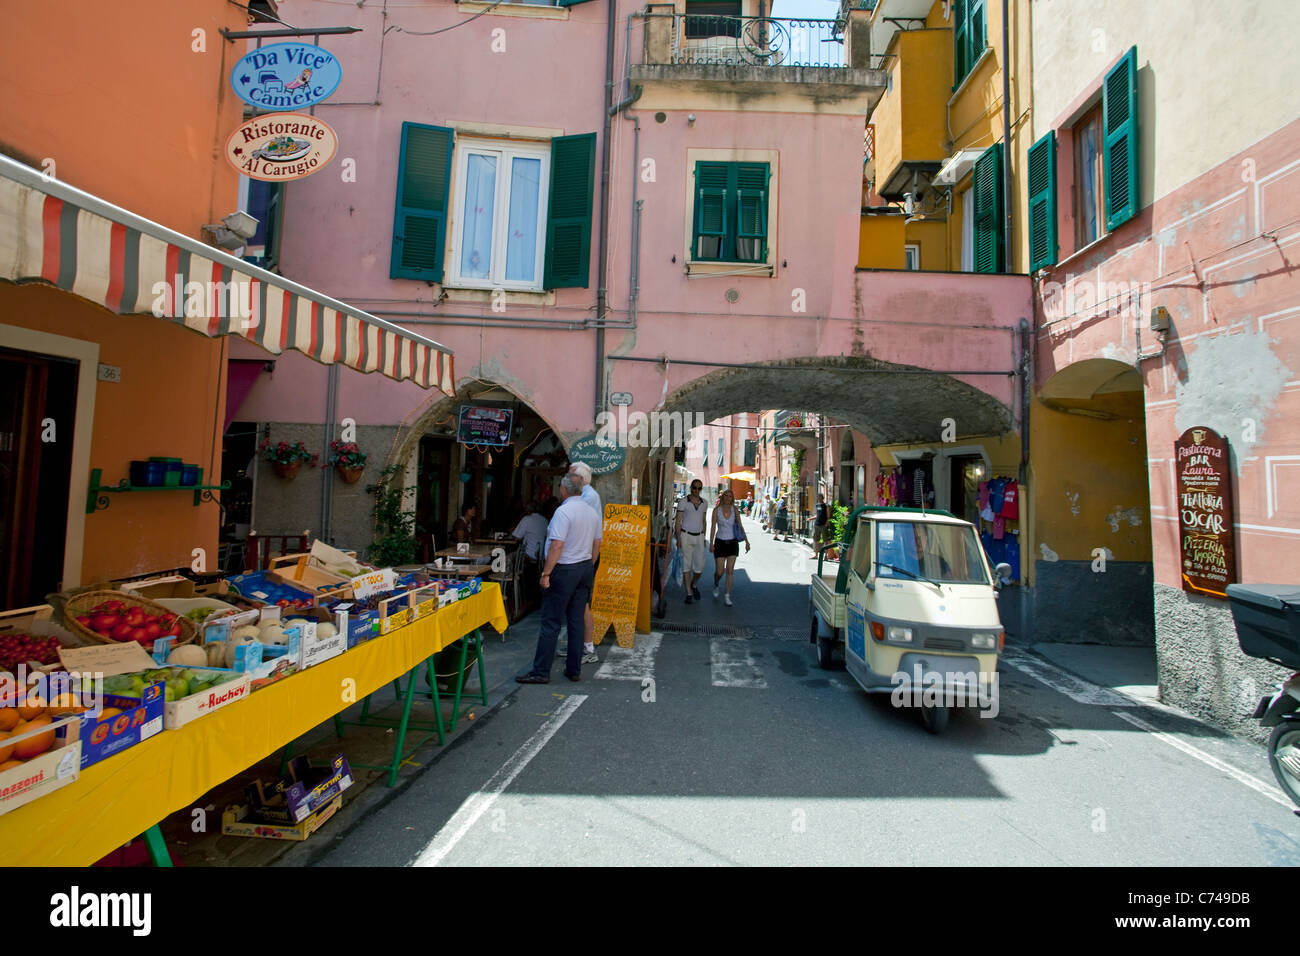 Greengrocery at old town of Monterosso al Mare, Cinque Terre, Unesco World Heritage site, Liguria di Levante, Italy, - Stock Image